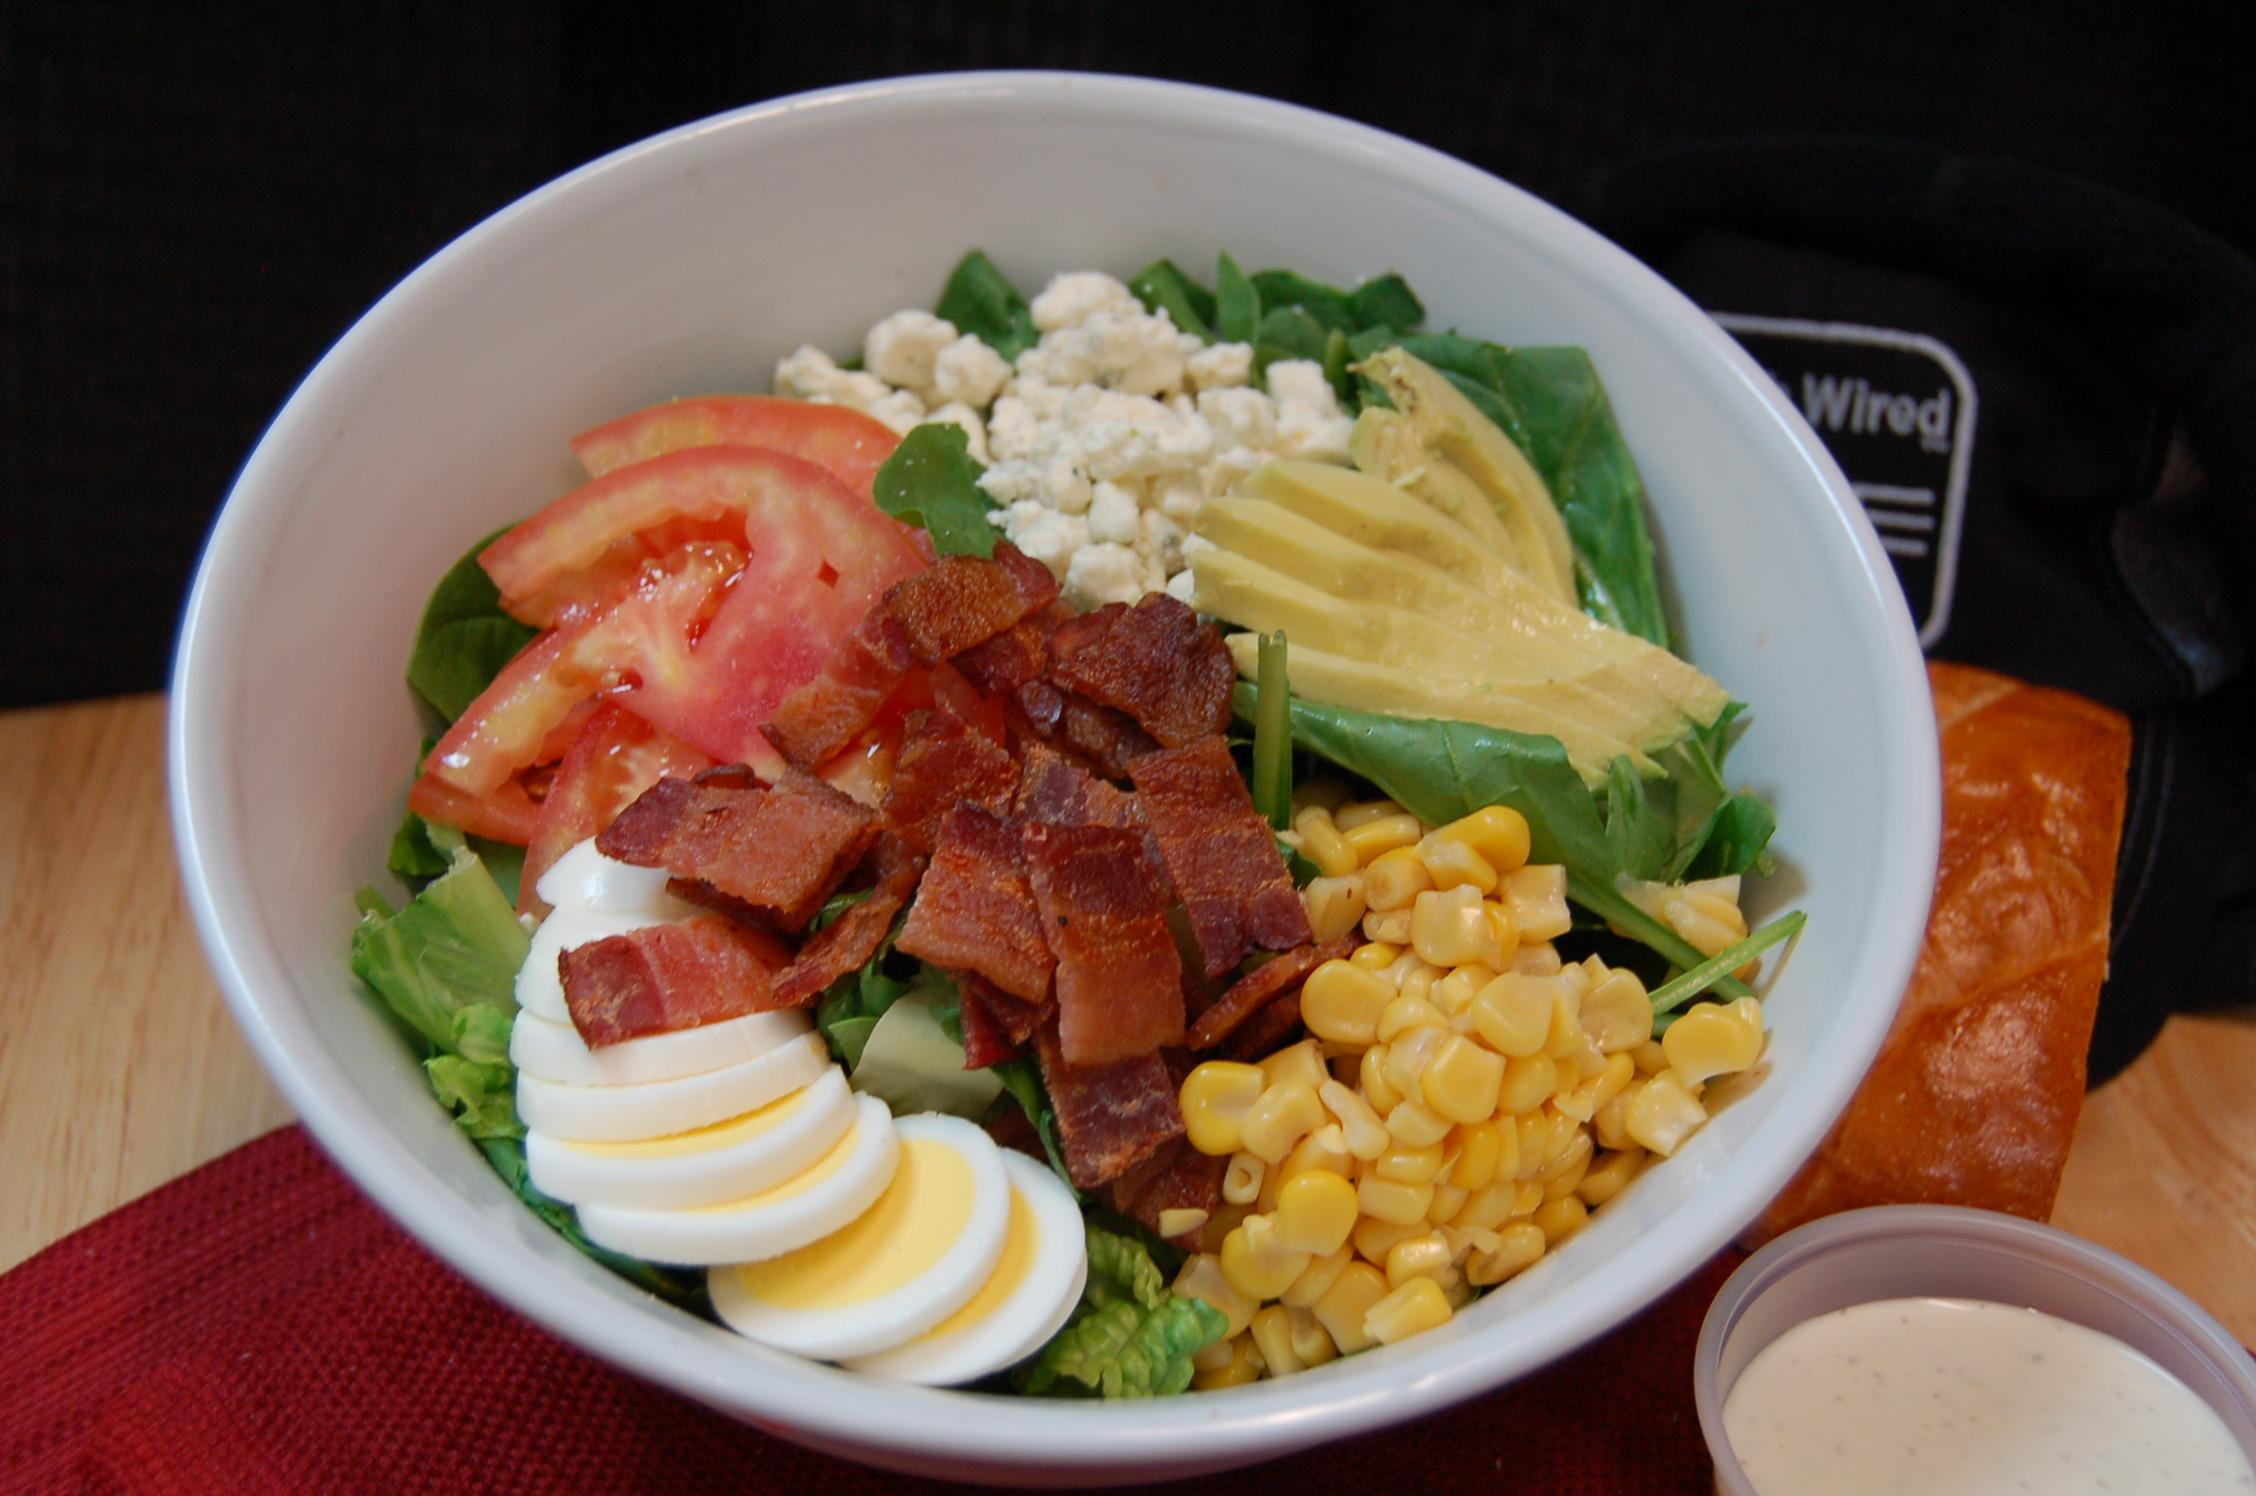 Takeout salad Cobbing me a Liar pic